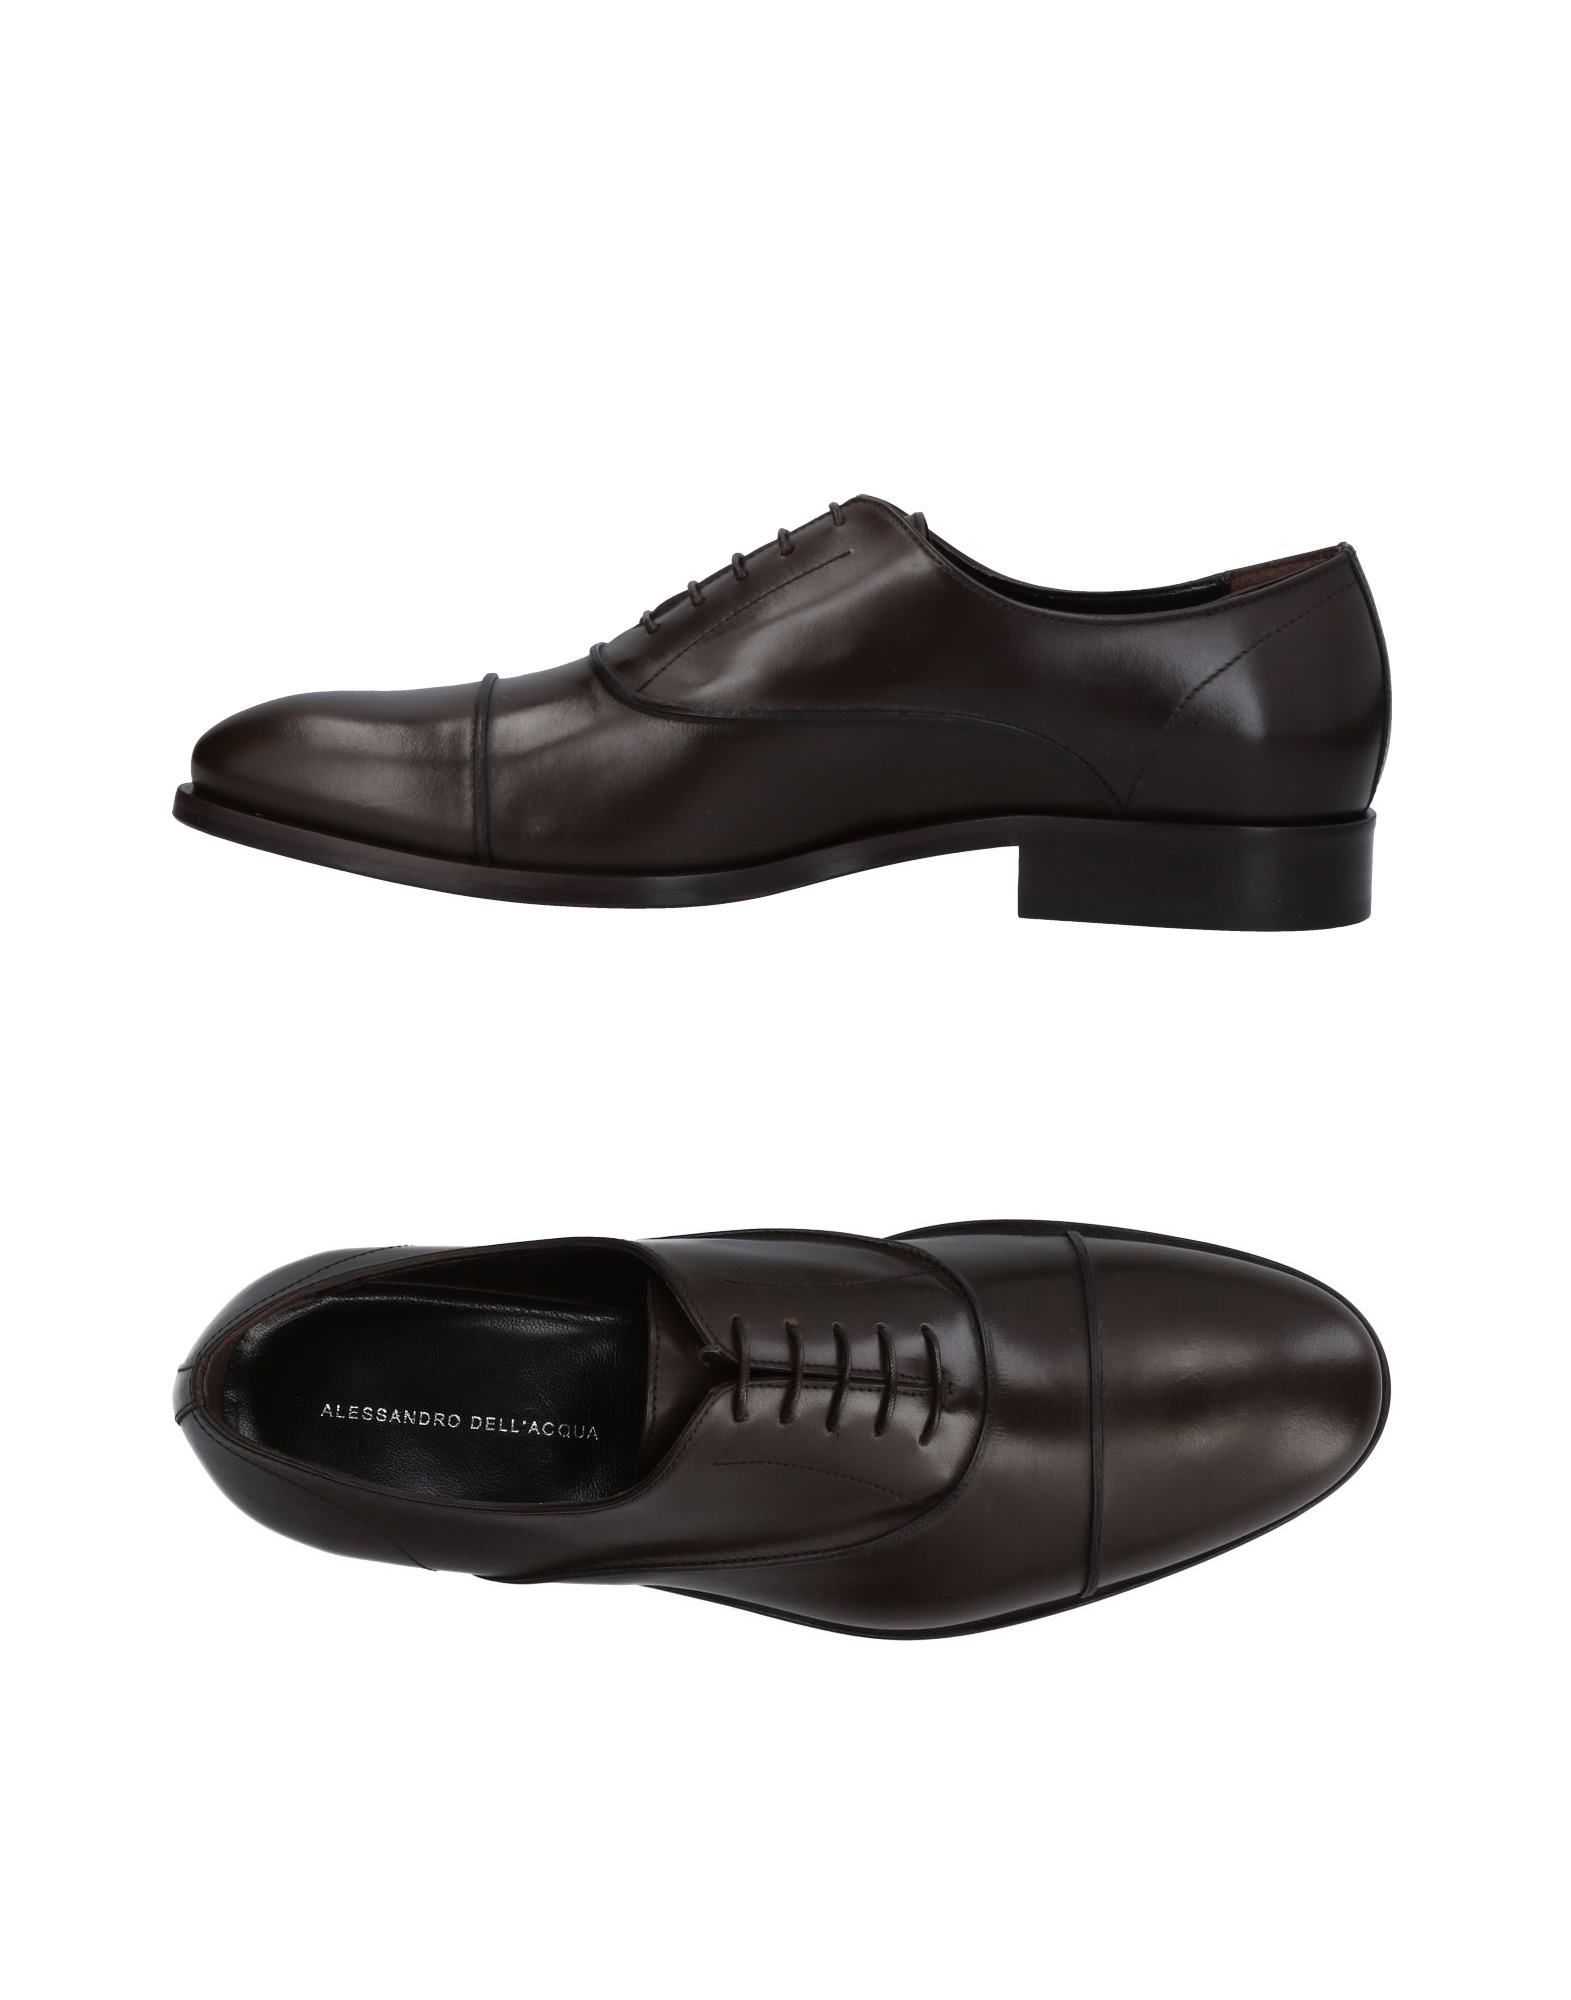 Alessandro Dell'acqua Schnürschuhe Herren  11428110FU Gute Qualität beliebte Schuhe